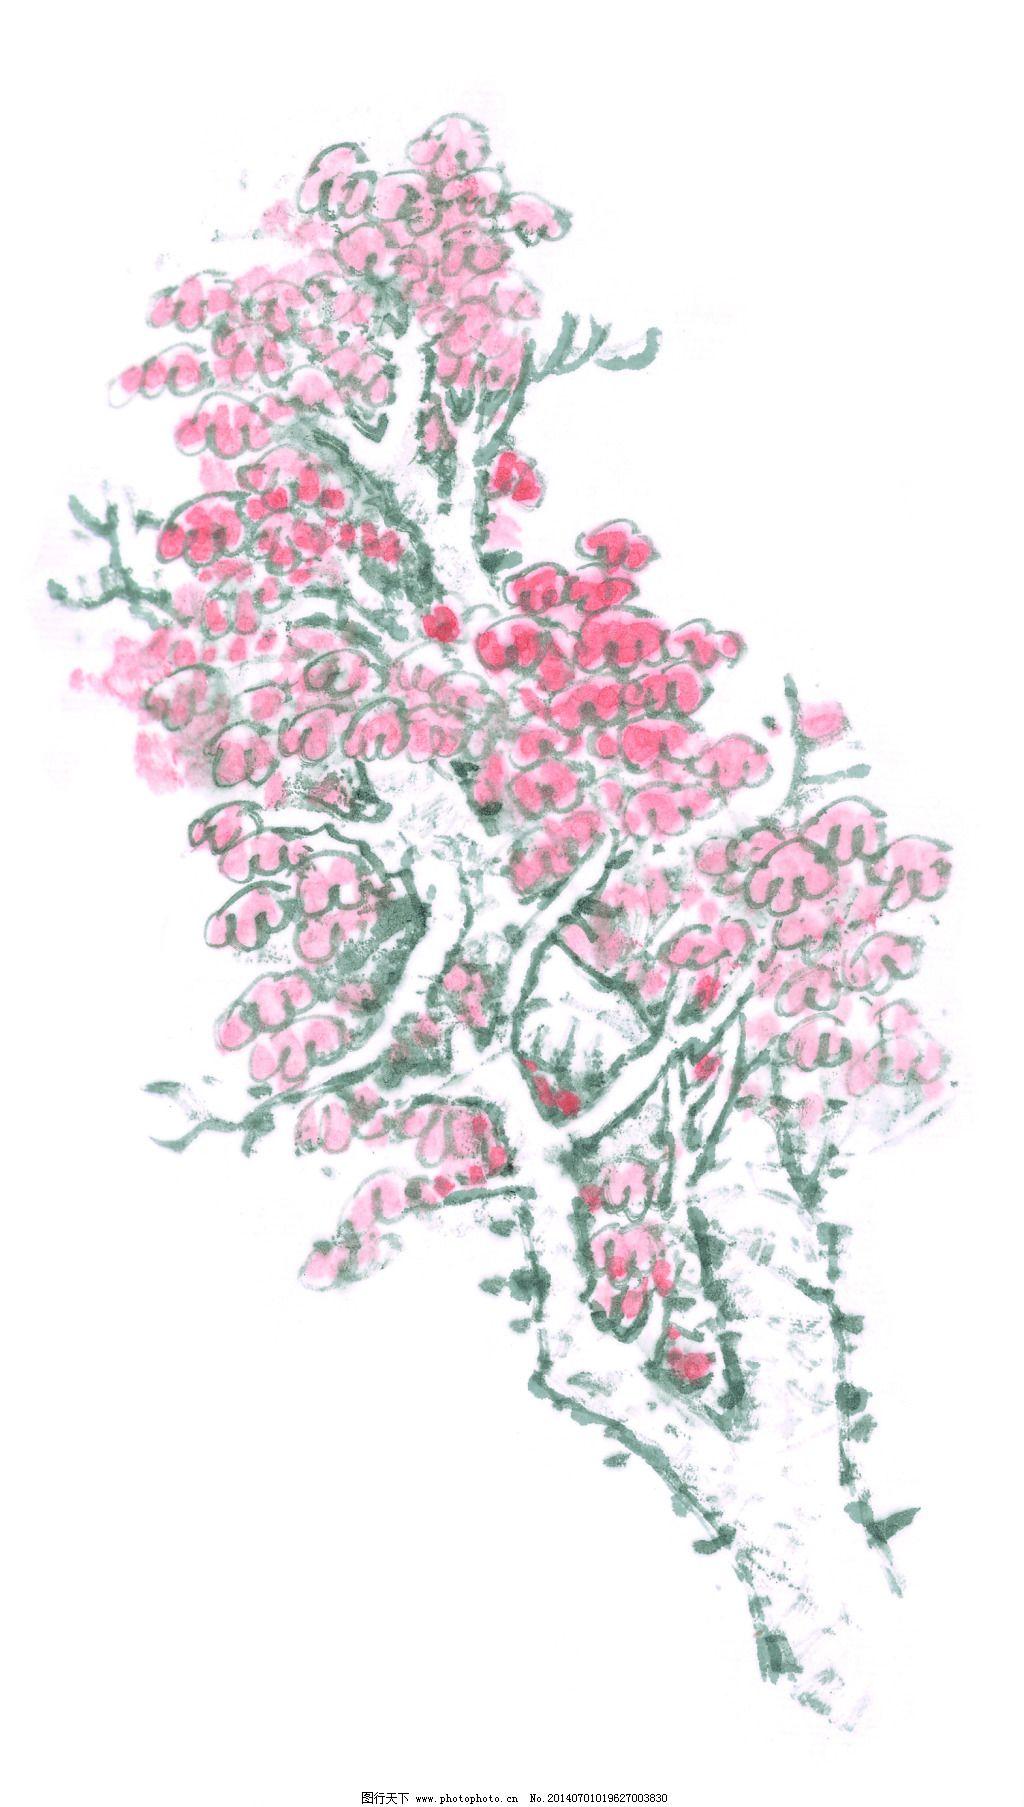 写意树木免费下载 国画 景物 美术 色彩 国画 美术 景物 色彩 图片